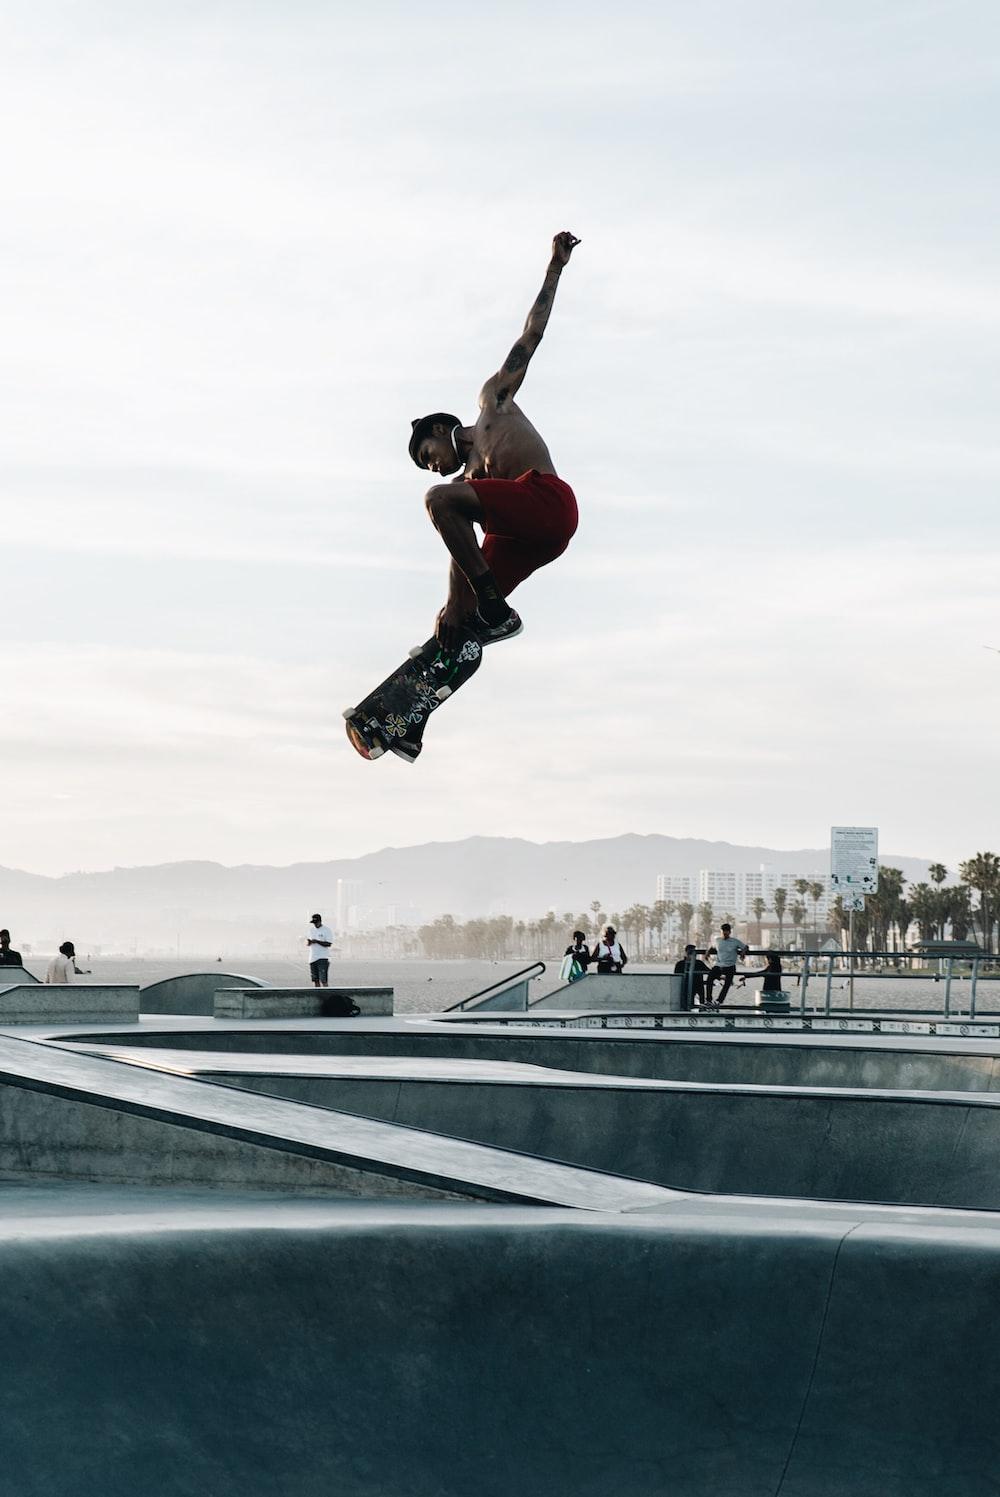 man doing skateboard tricks